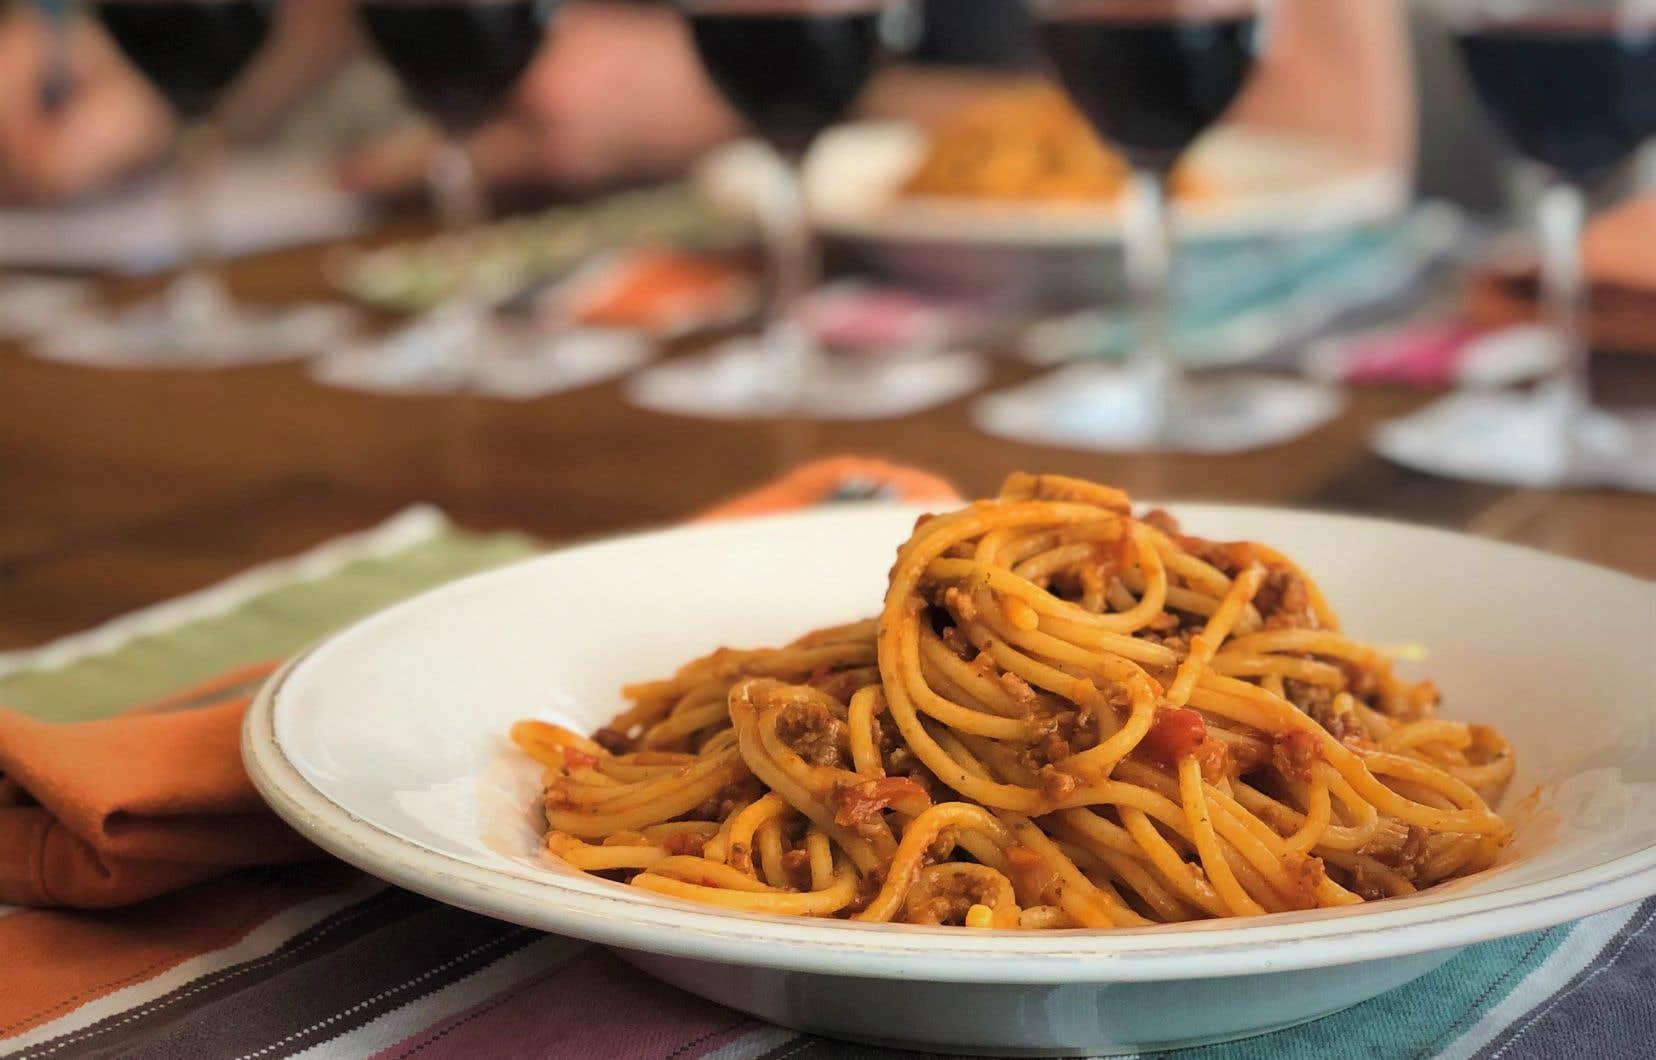 Ce grand cépage, sans doute le plus planté et le plus cloné en Italie, s'attable à merveille avec la sauce à la viande où l'acidité de la tomate domine.